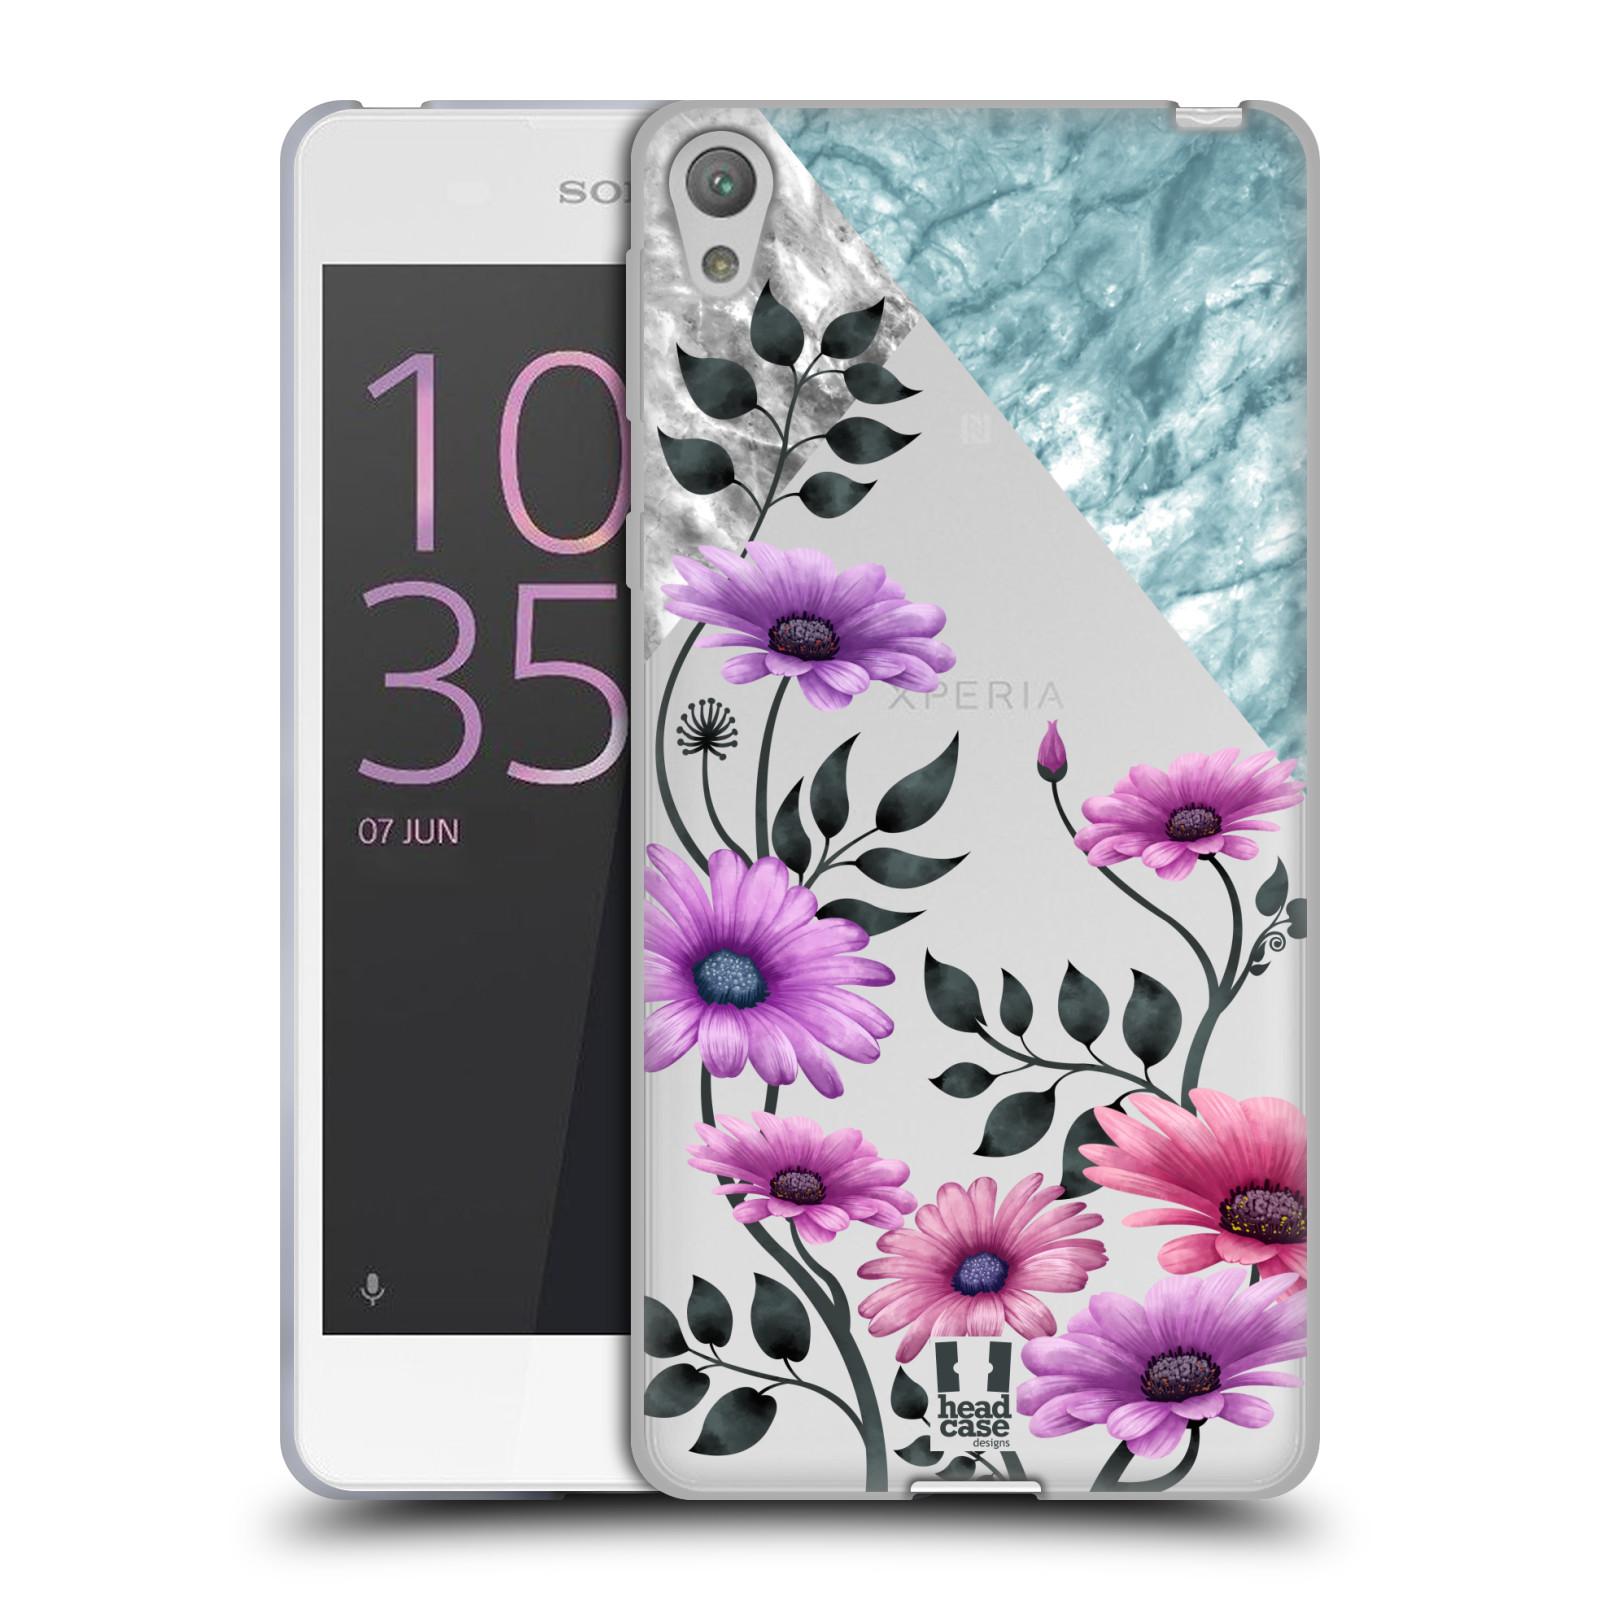 HEAD CASE silikonový obal na mobil Sony Xperia E5 květiny hvězdnice, Aster fialová a modrá